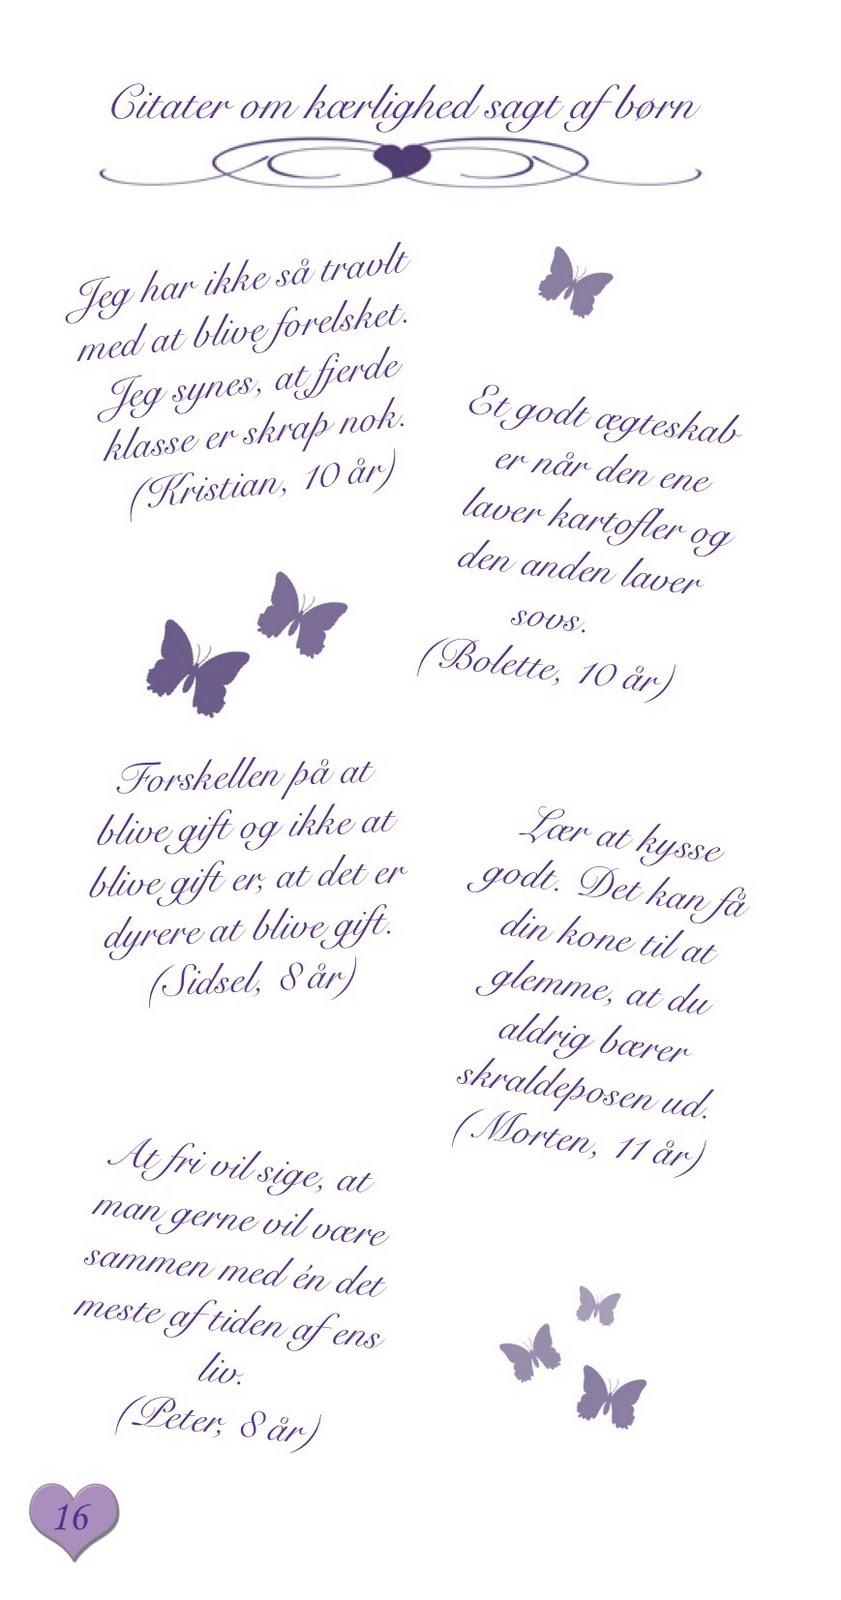 citater fra børn om bryllup Citat kærlighed bryllup citater fra børn om bryllup